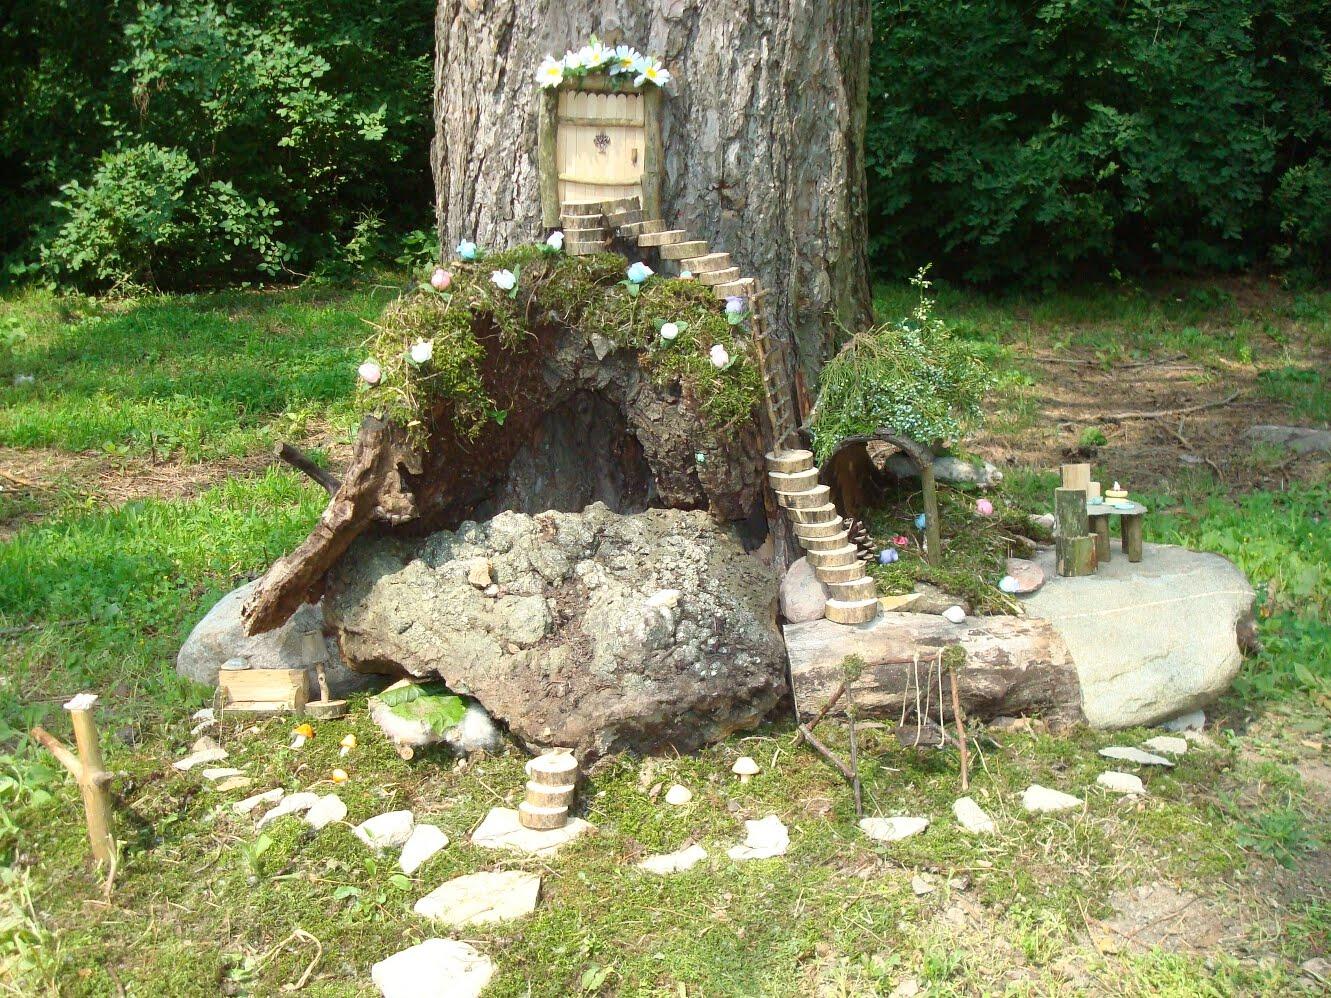 Constructing An Epic Fairy Garden